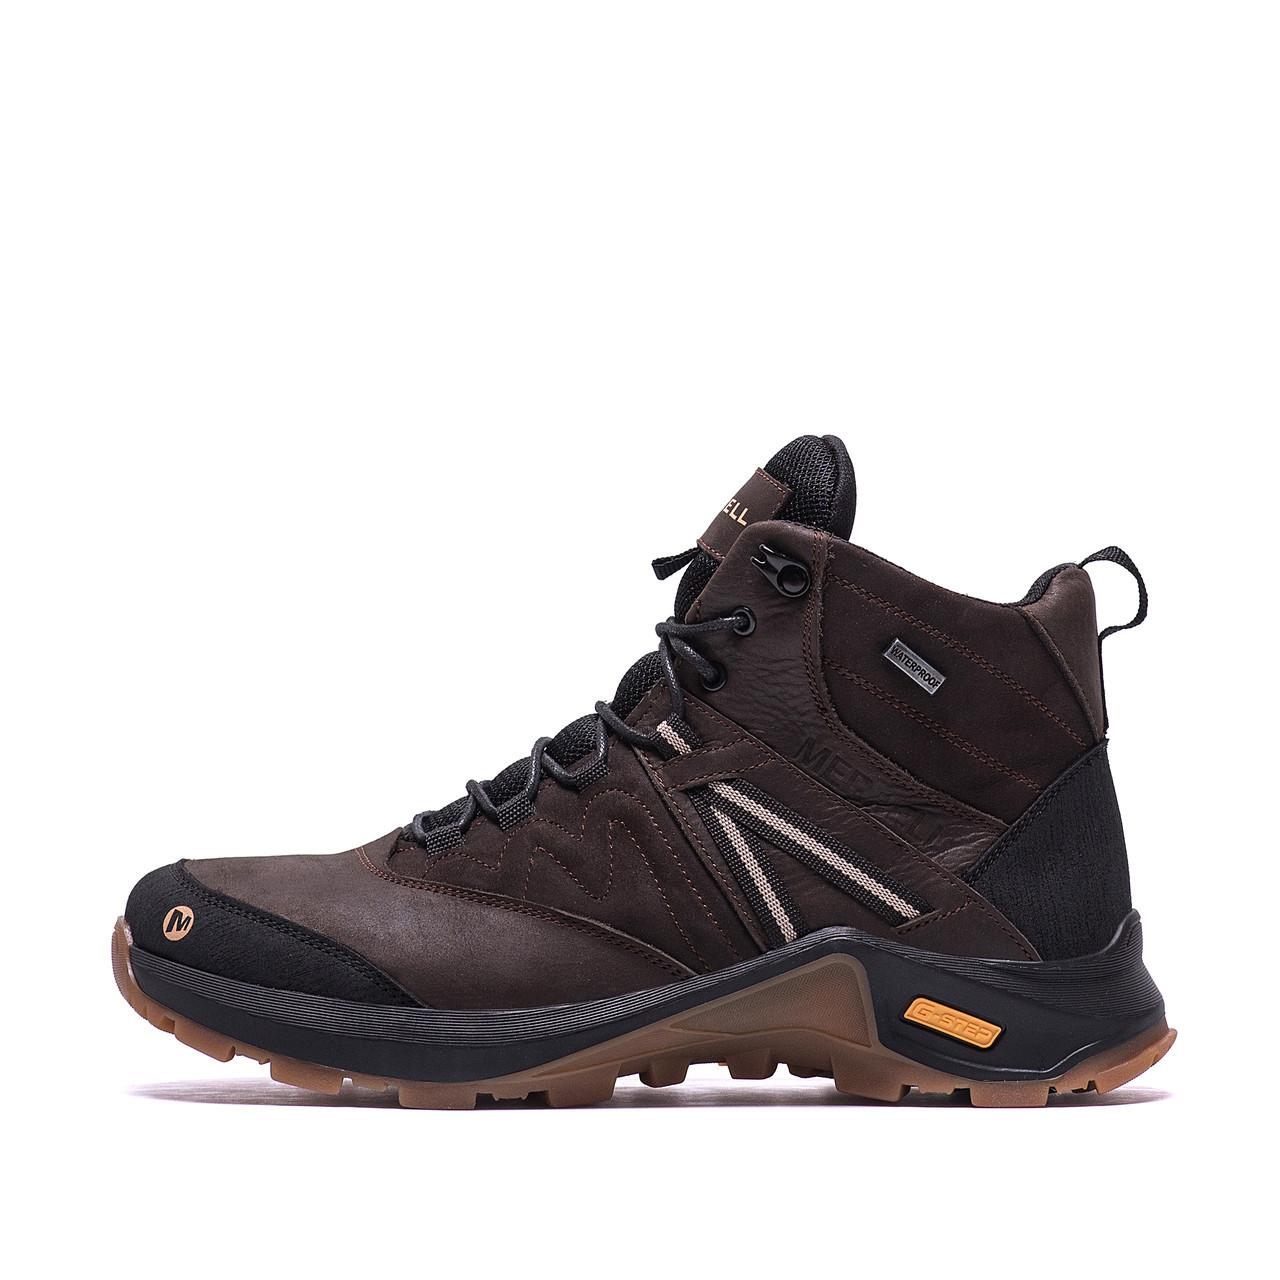 Чоловічі зимові шкіряні черевики MERRELL Brown р. 40